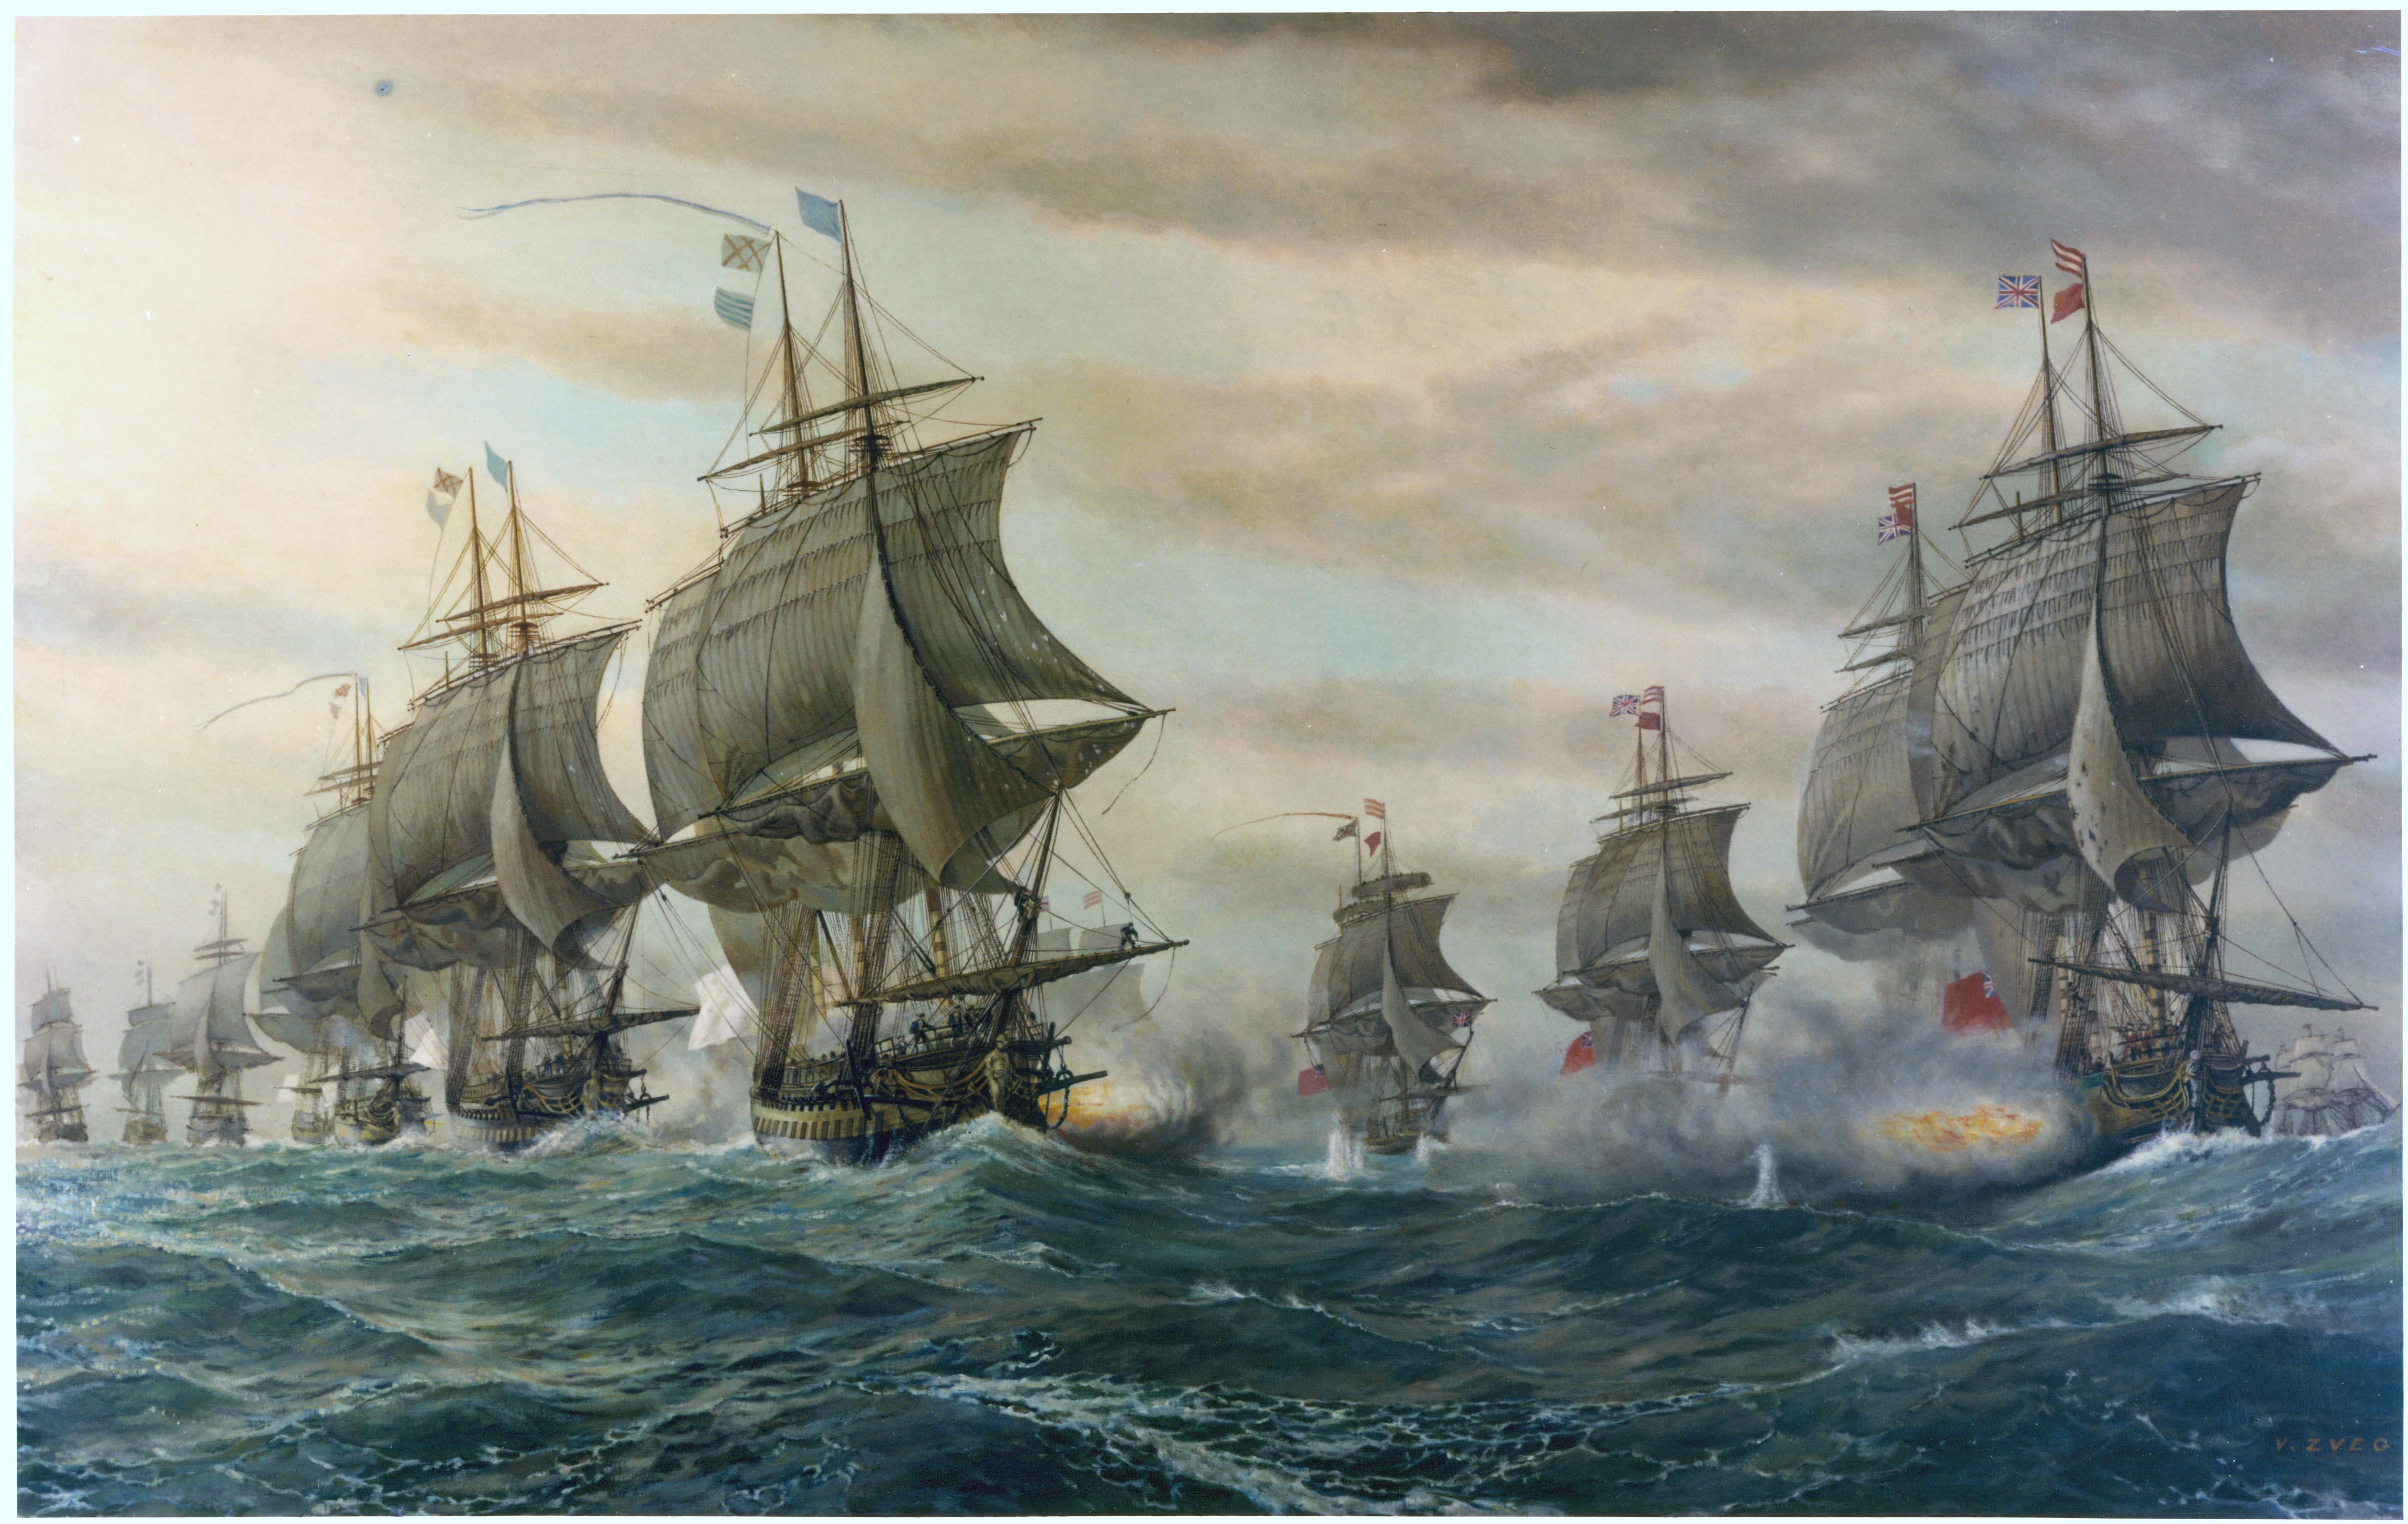 Les batailles navales dans 'Pirates des Caraïbes'